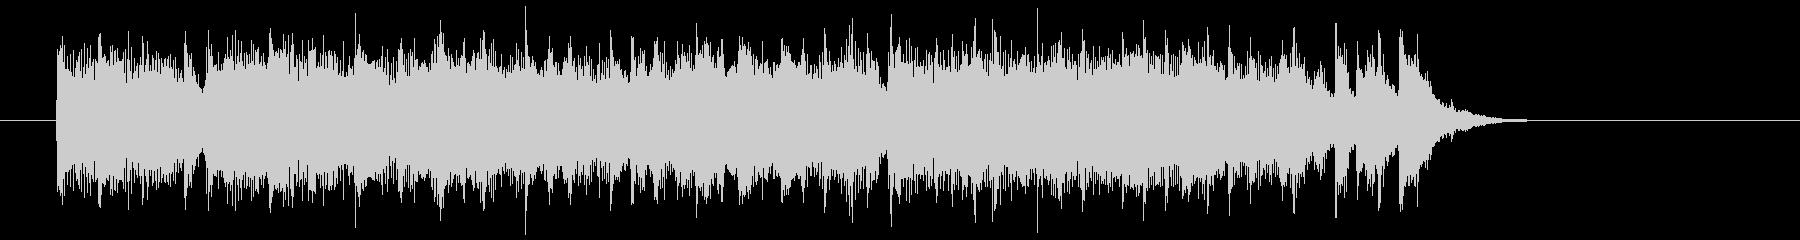 明るく充実した短めのシンセサイザーの曲の未再生の波形